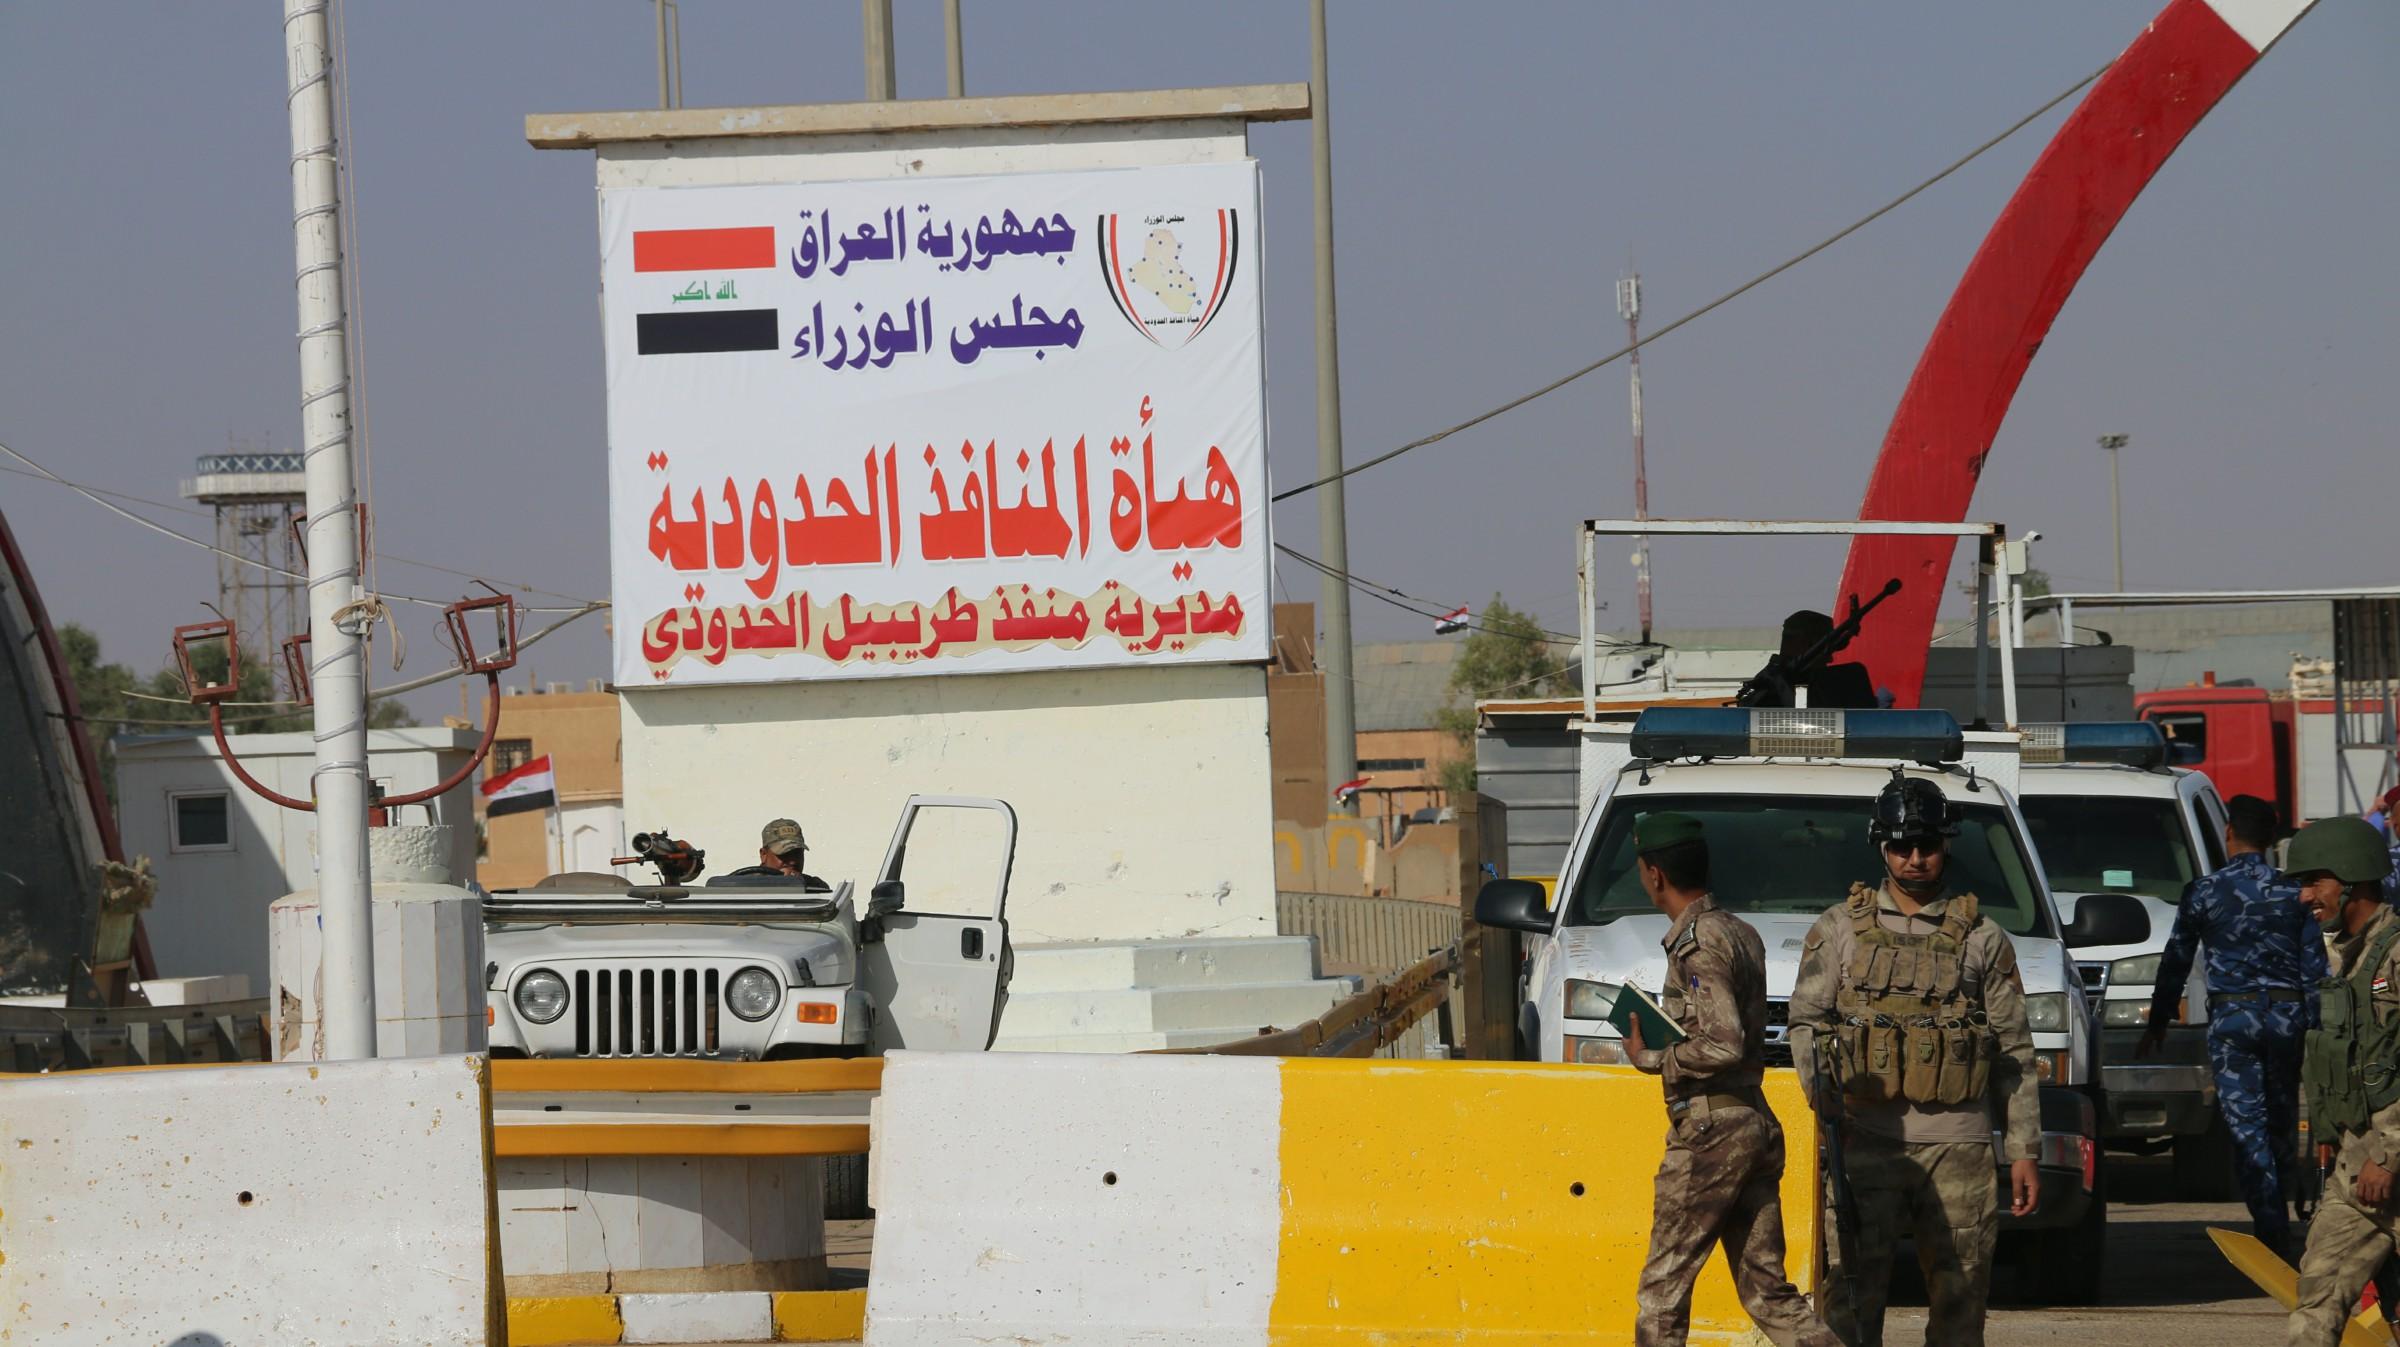 مدير جمرك طريبيل يعلن ازدياد معدل السفر براً بين العراق والأردن